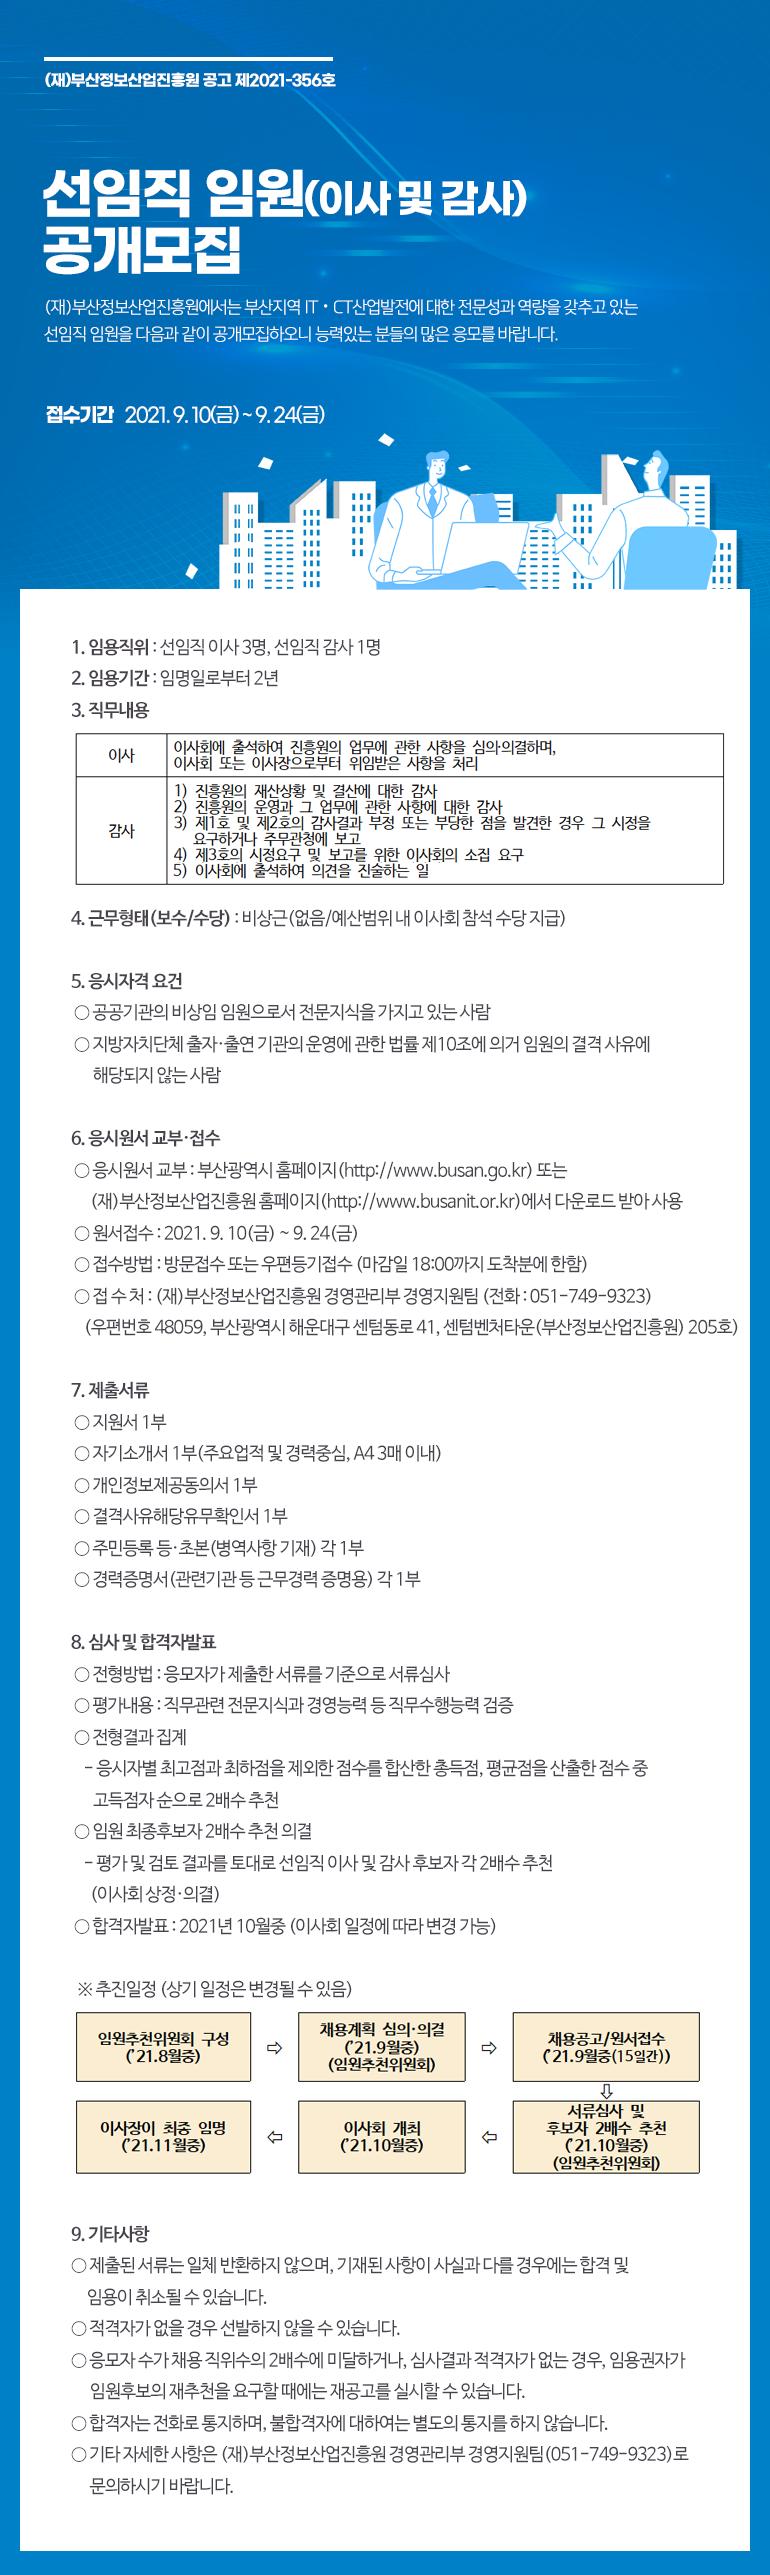 (재)부산정보산업진흥원 선임직 임원(이사 및 감사) 공개모집